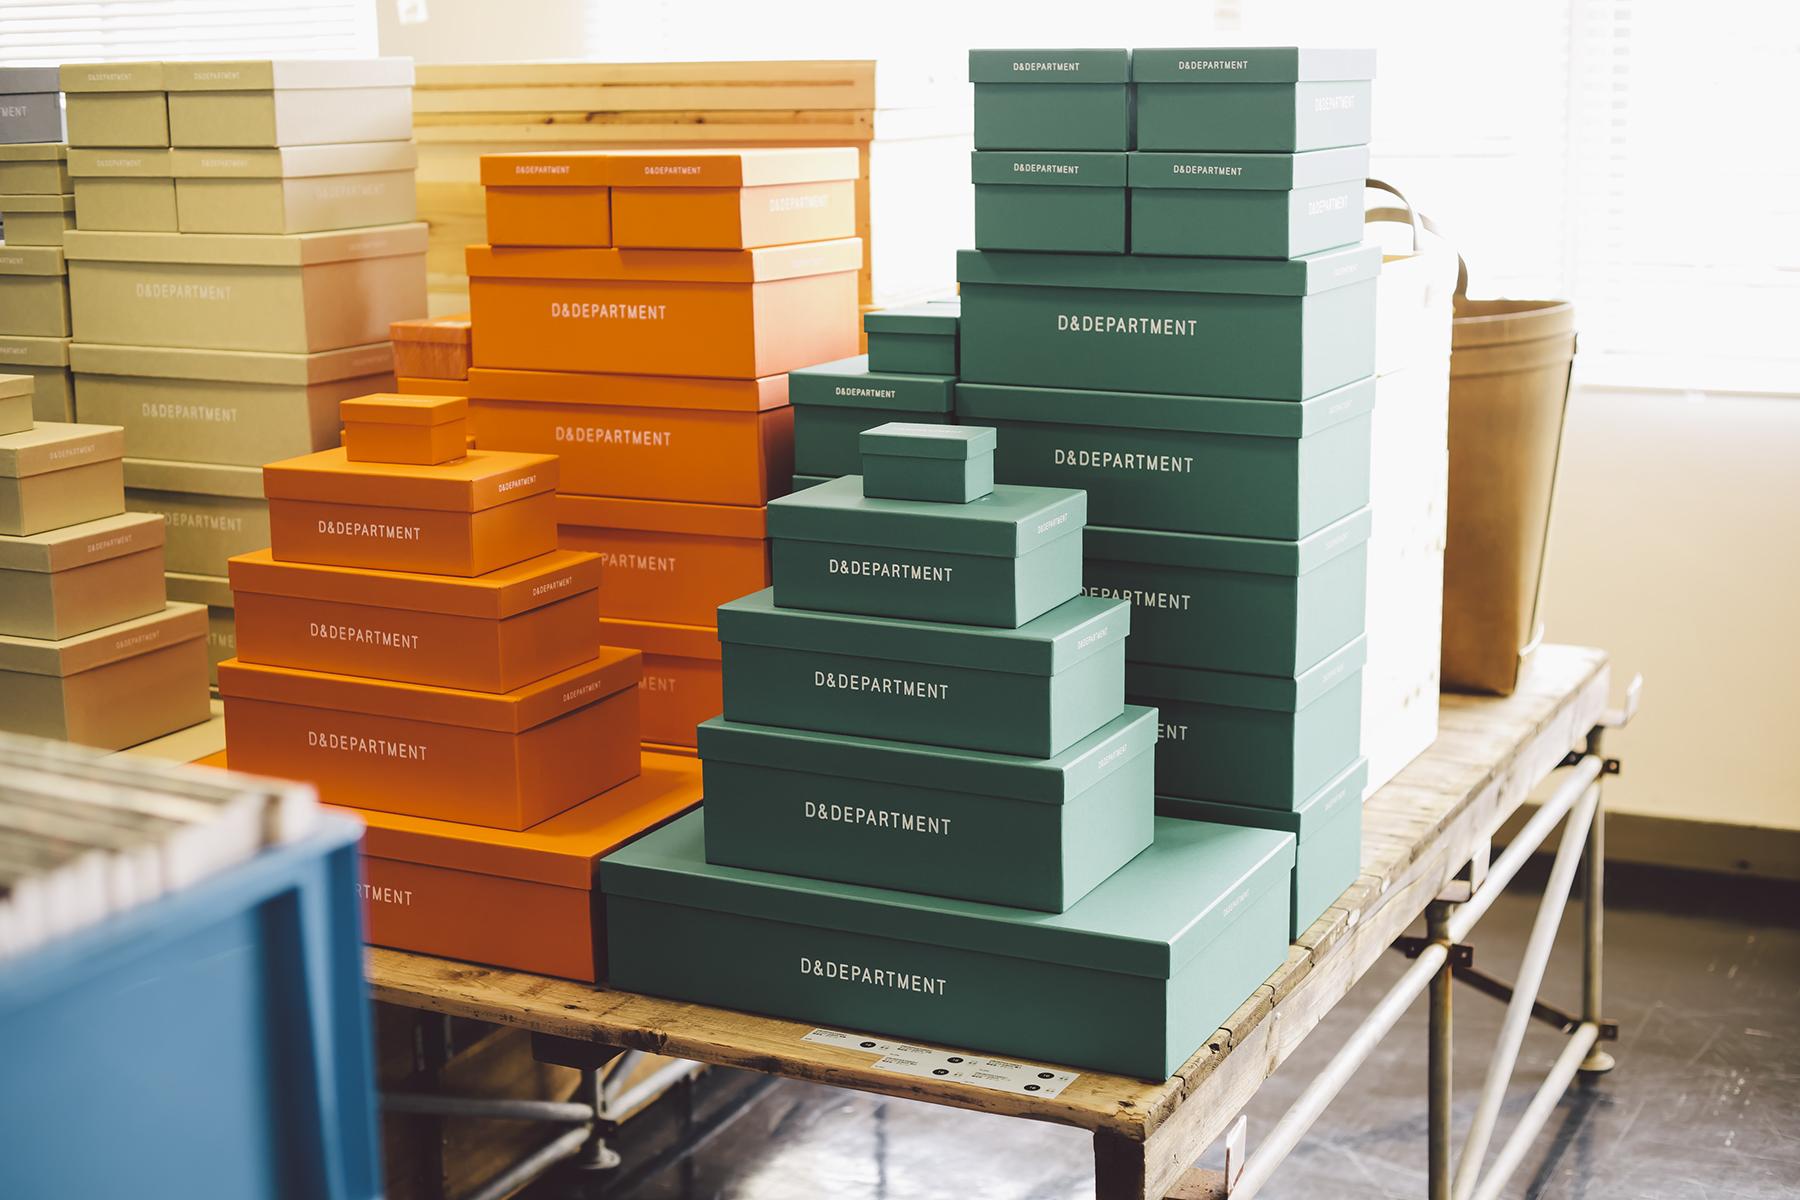 D&D熱賣的鞋盒產品,包括孩童、女鞋、男鞋、靴子,與名片大小的標準尺寸,透過使用轉換,讓老工廠再次重生新價值。